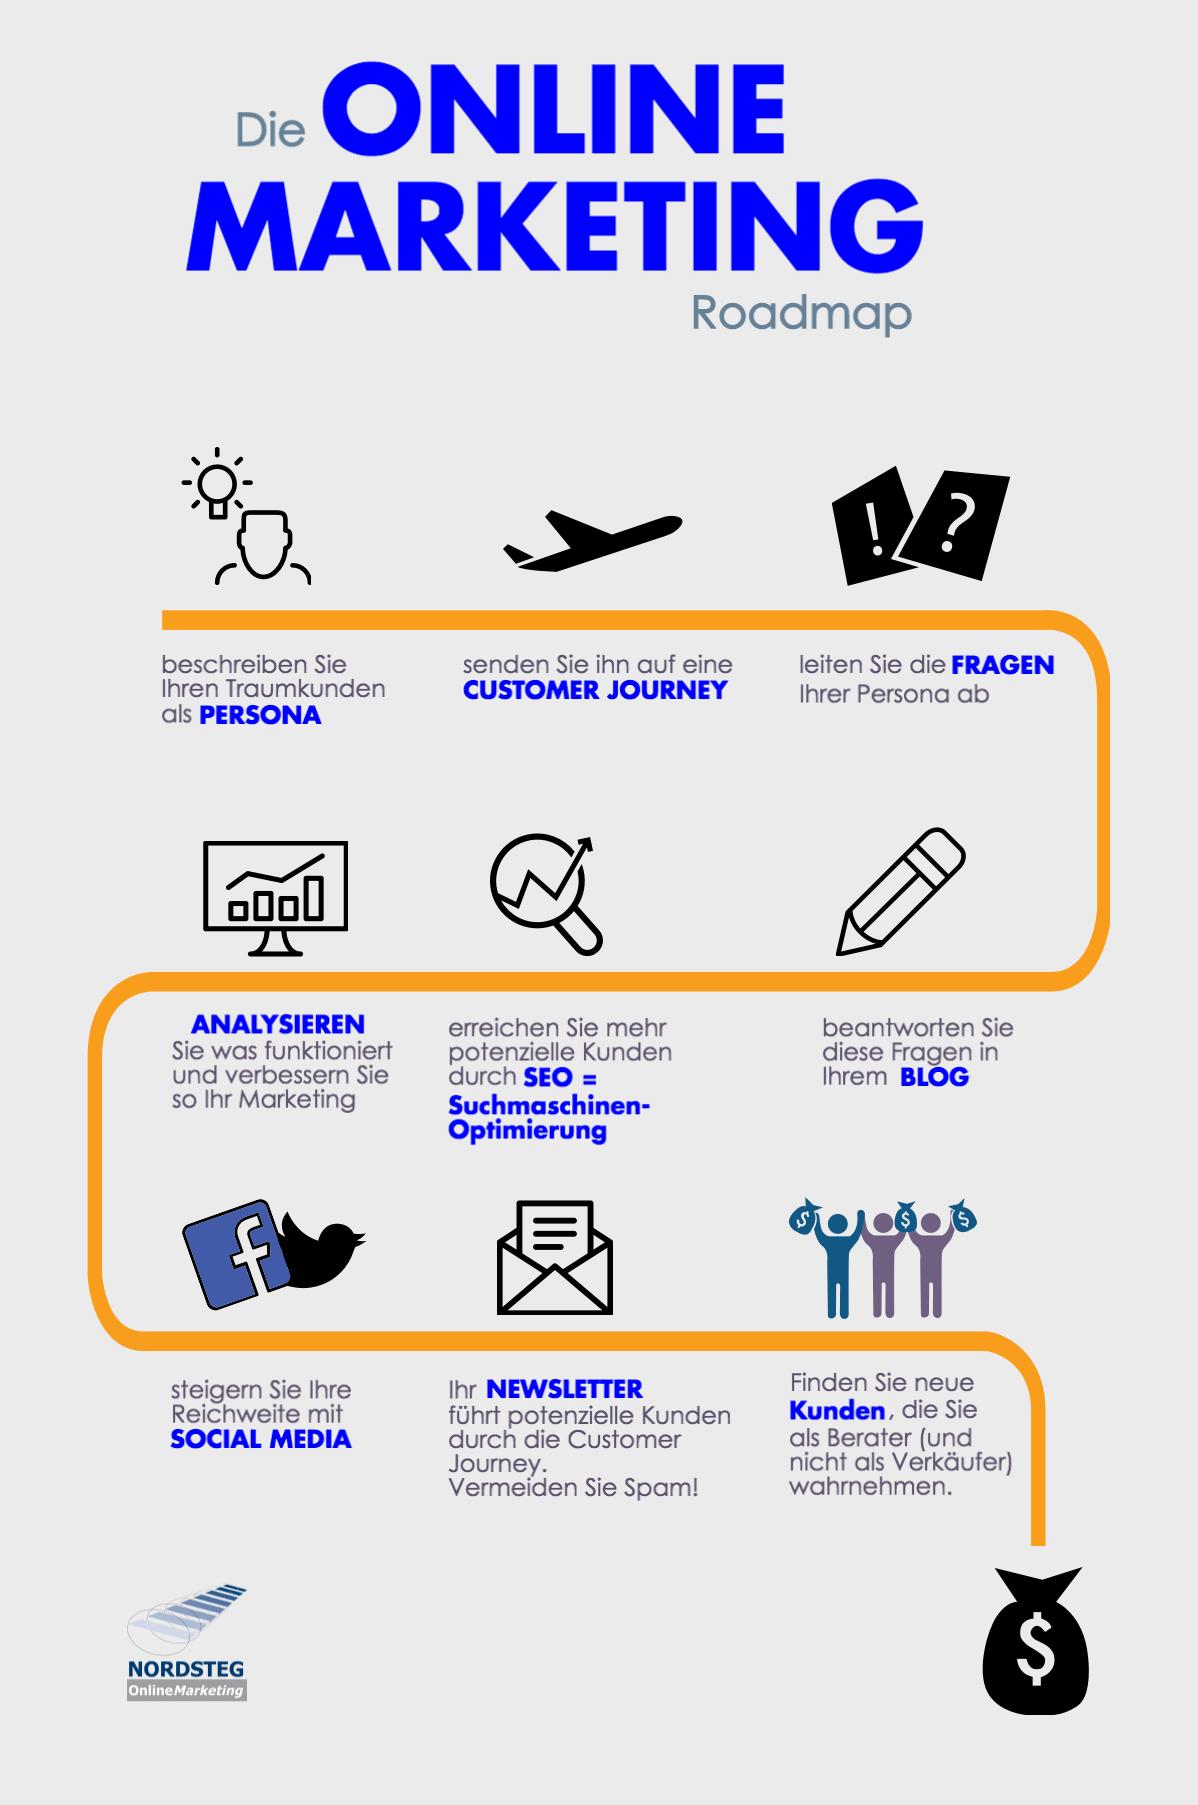 was ist online marketing die roadmap dazu